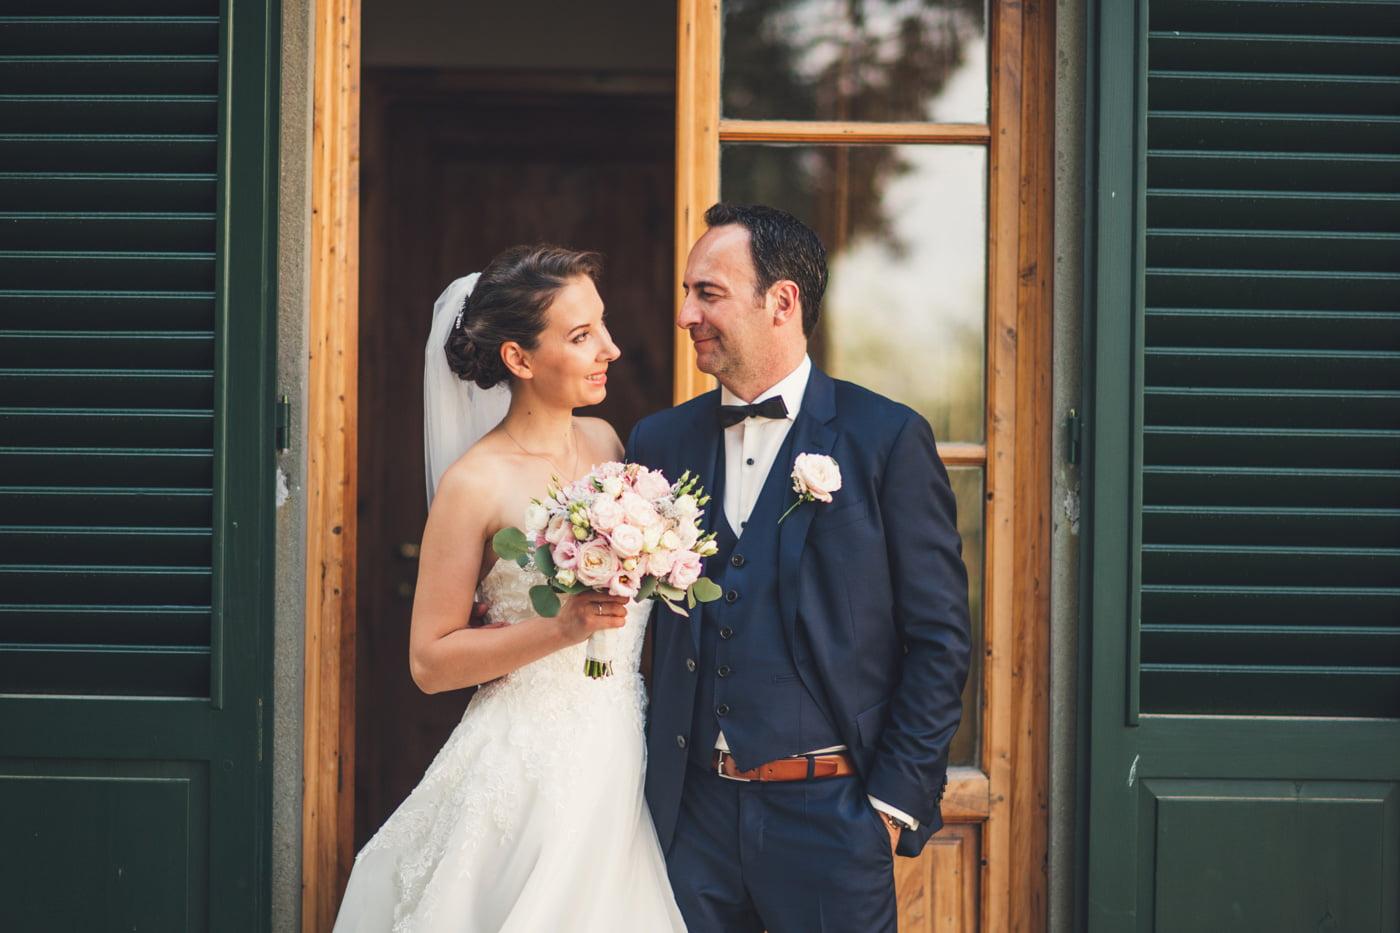 034-wedding-tuscany-rignana